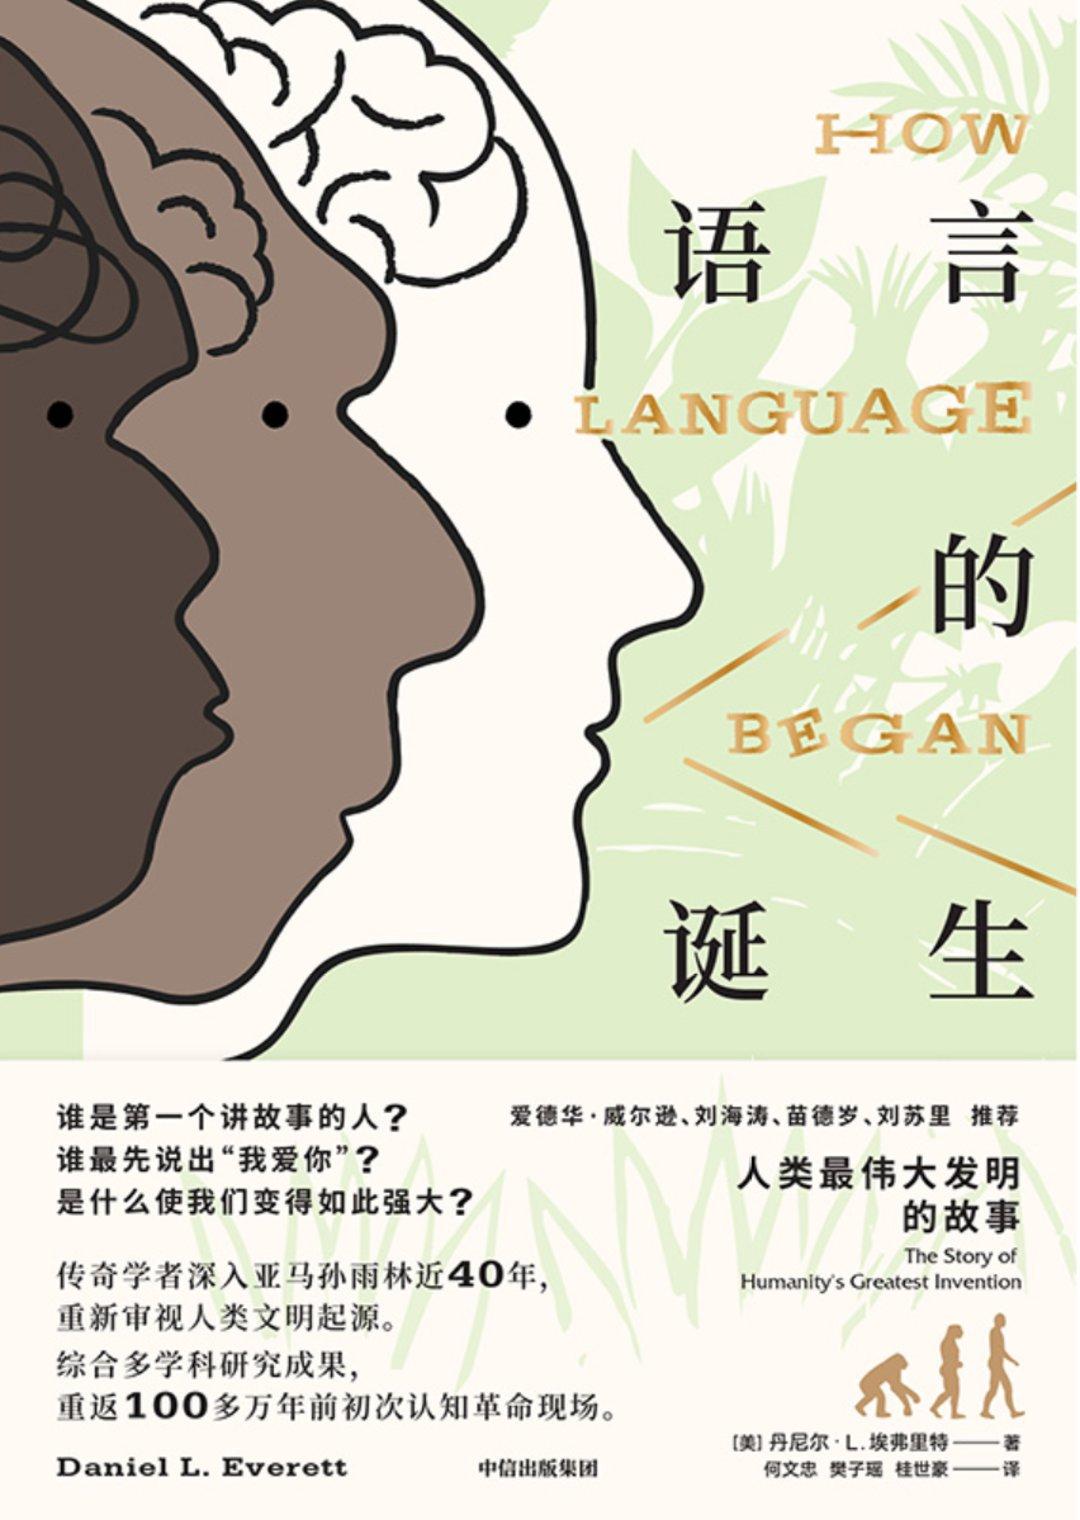 语言是人类的发明,还是先天就有的?_文化_好奇心日报